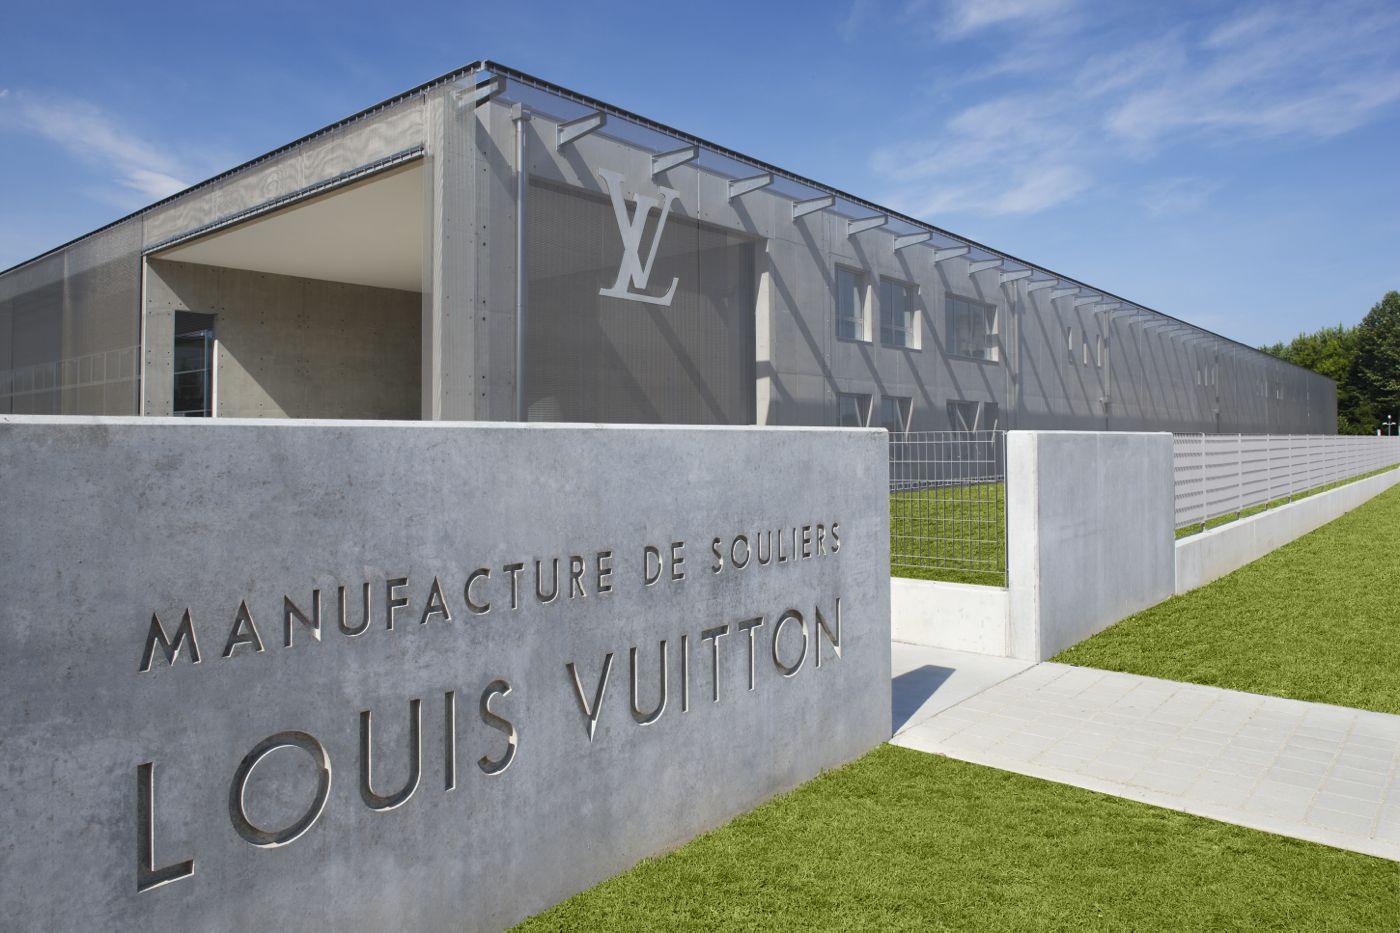 Les Journées Particulières Louis Vuitton - La Manufacture de Souliers de Fisso d' Artico